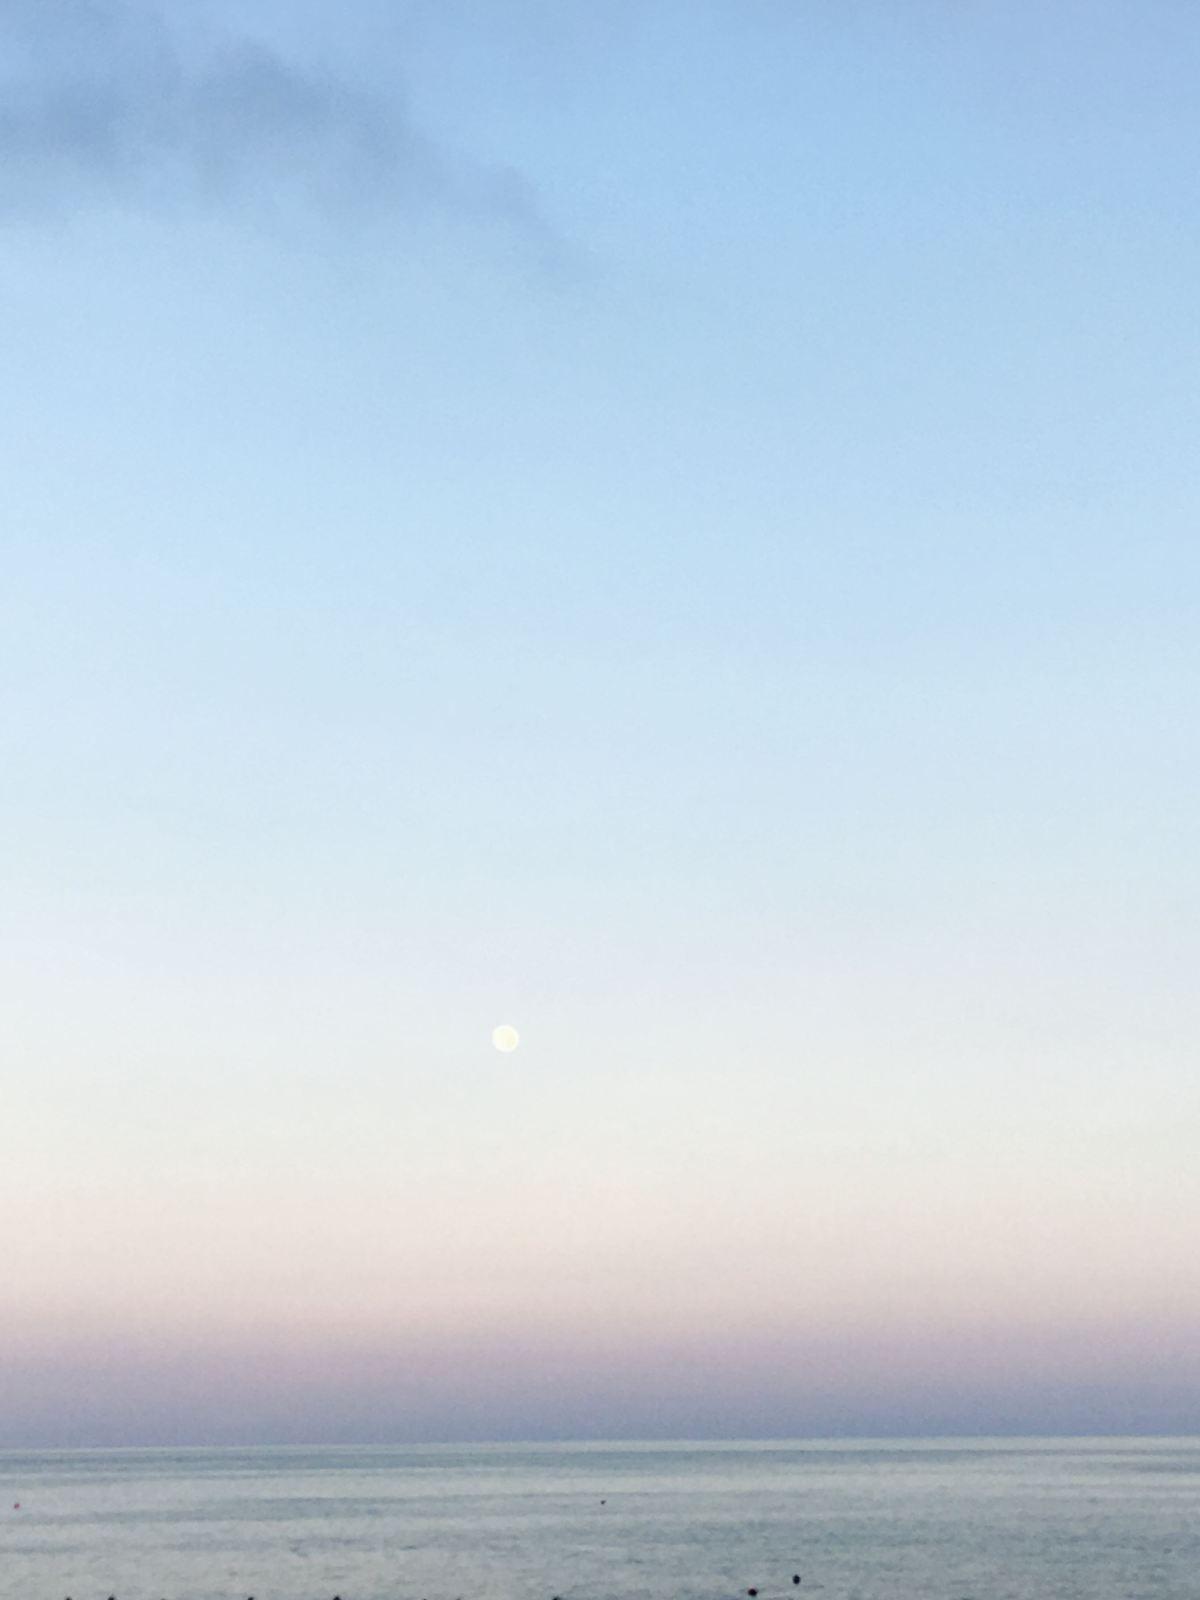 Pietra16_tramonto con luna toni chiari